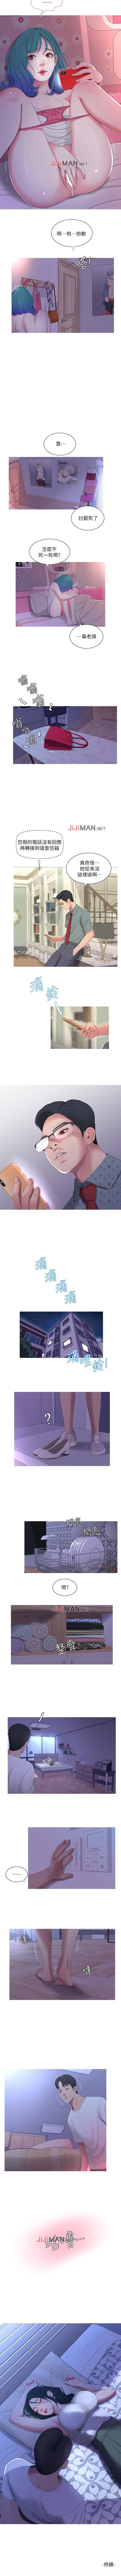 【周四连载】亲家四姐妹(作者:愛摸) 第1~31话 47